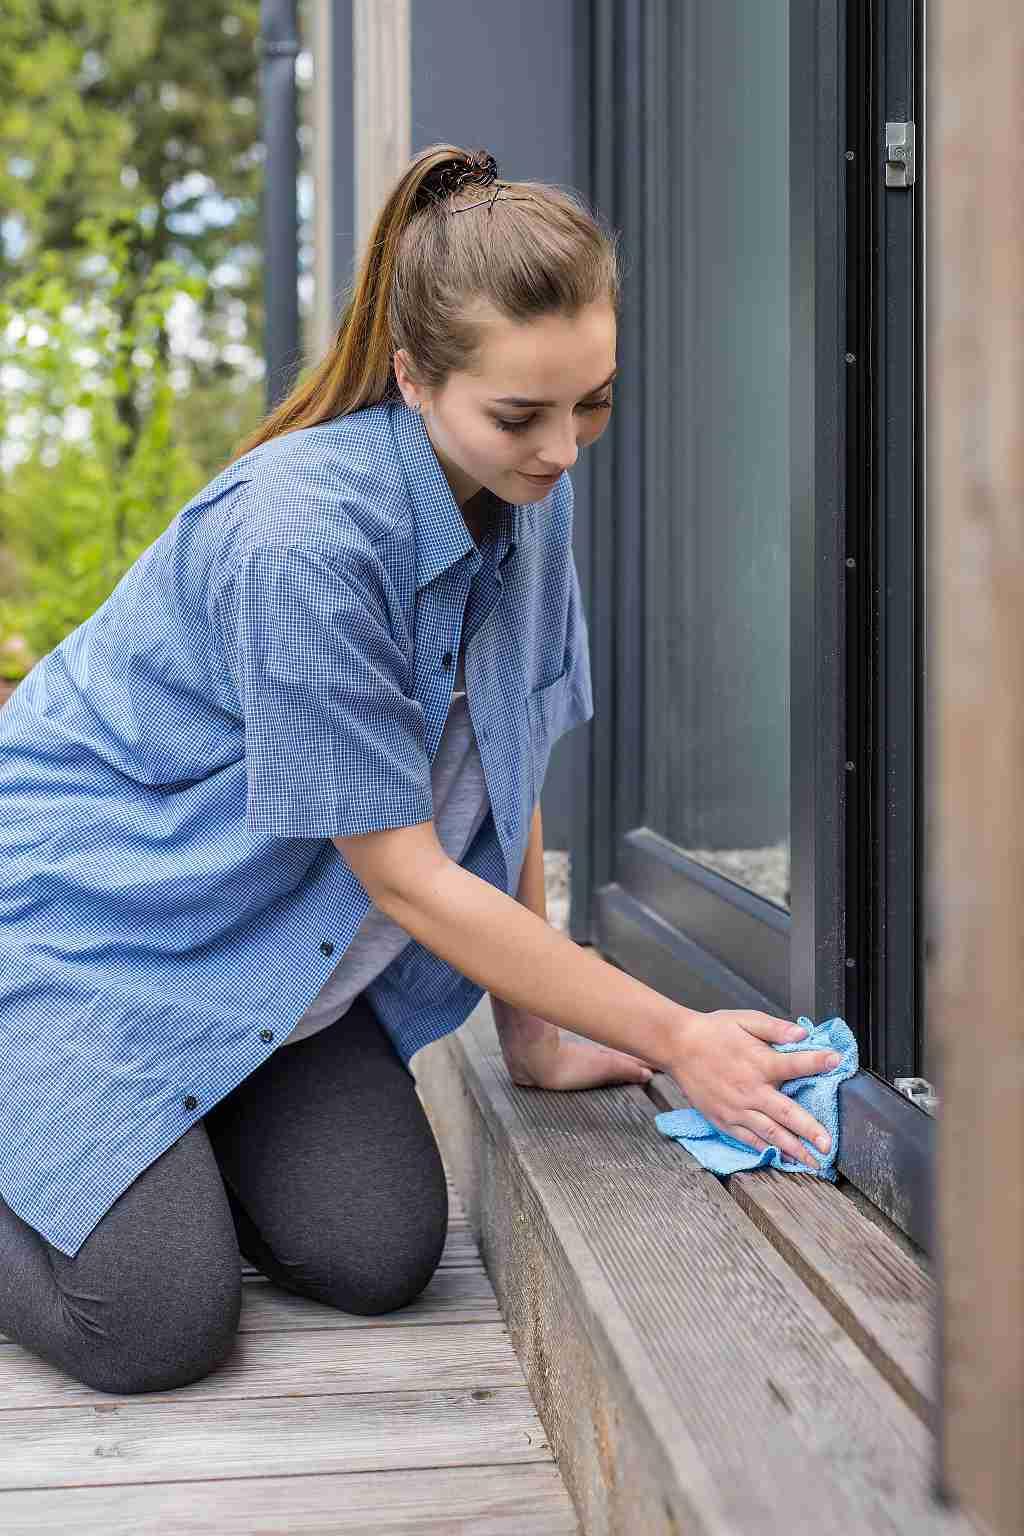 Čištění oken - očištění vnějších částí